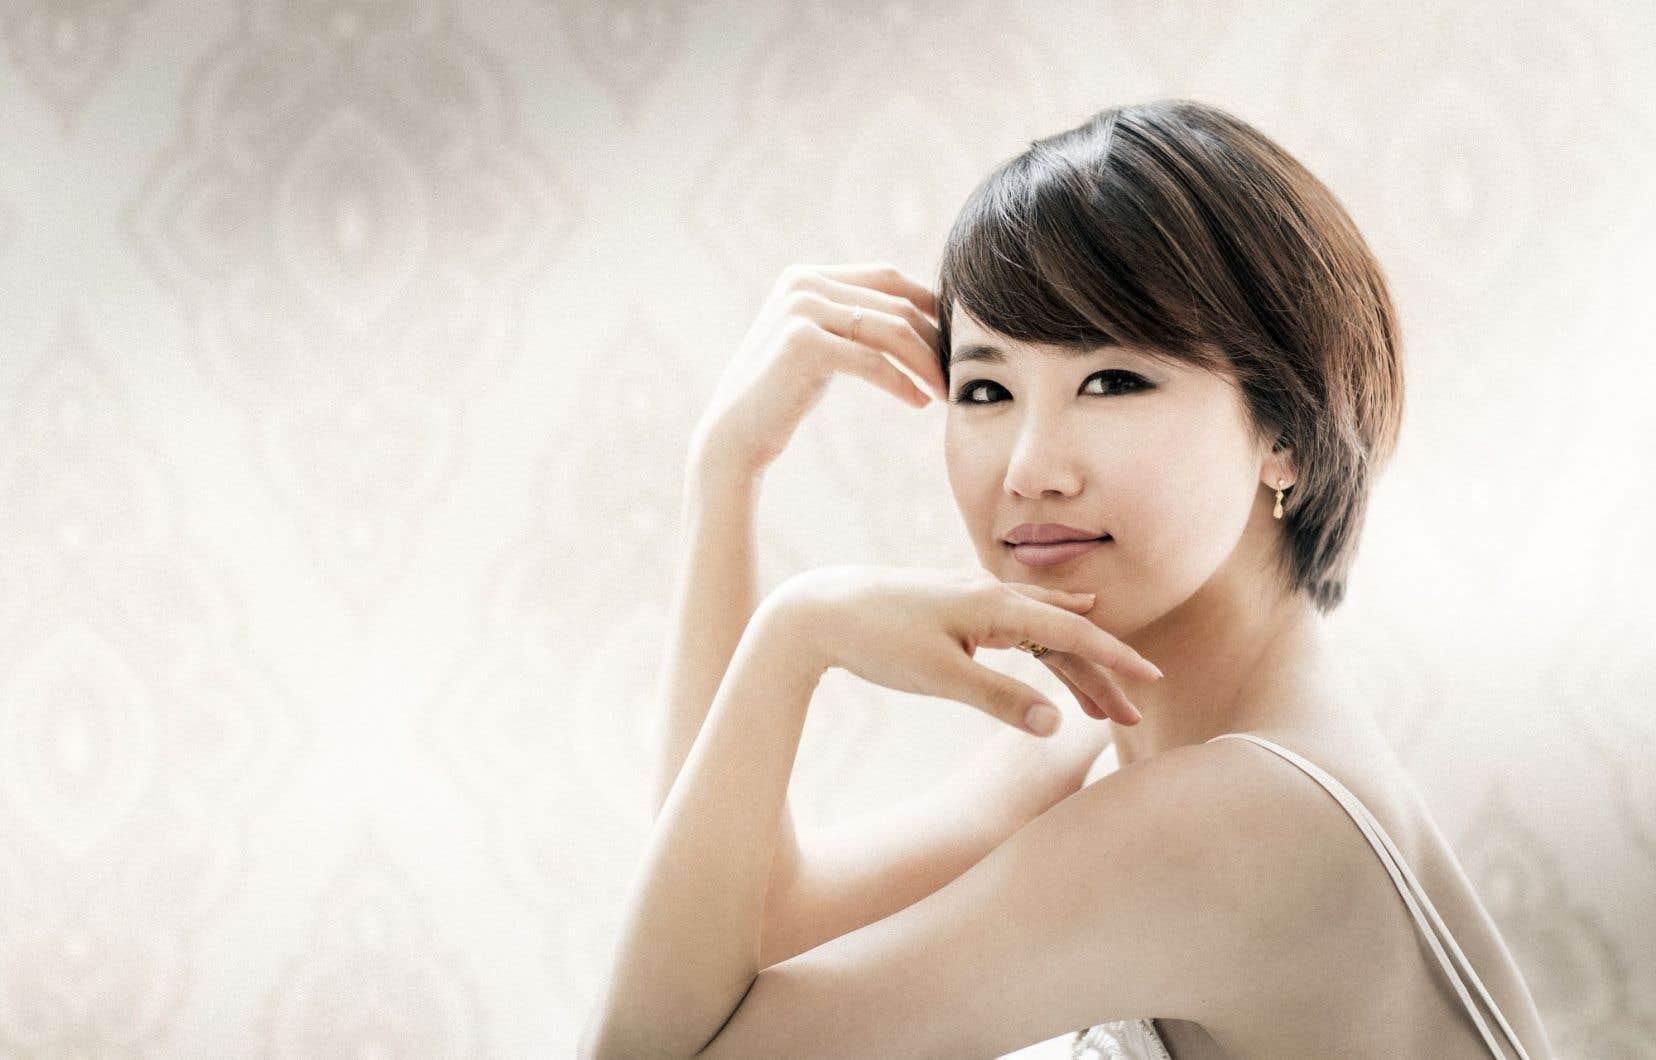 La soprano coréenne Hyesang Park